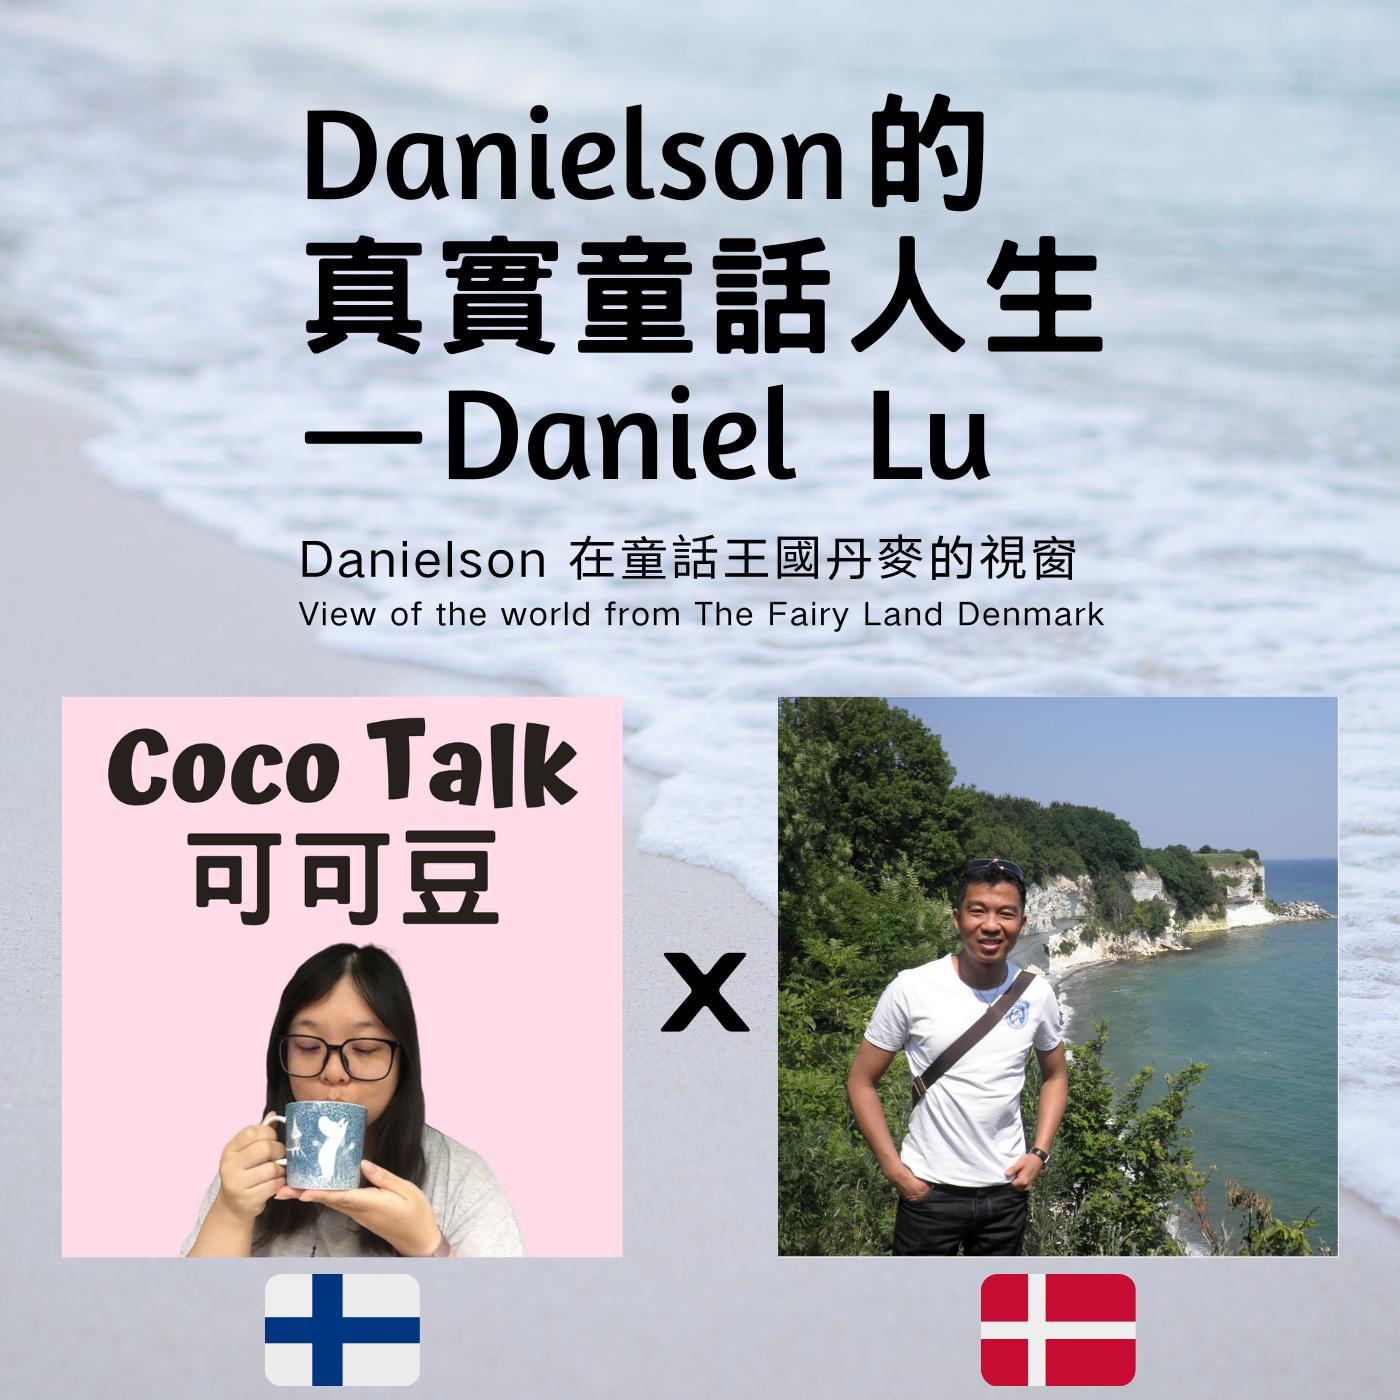 人物訪談 #2│Daniel的真實童話人生 — Daniel Lu / Danielson 在童話王國丹麥的視窗